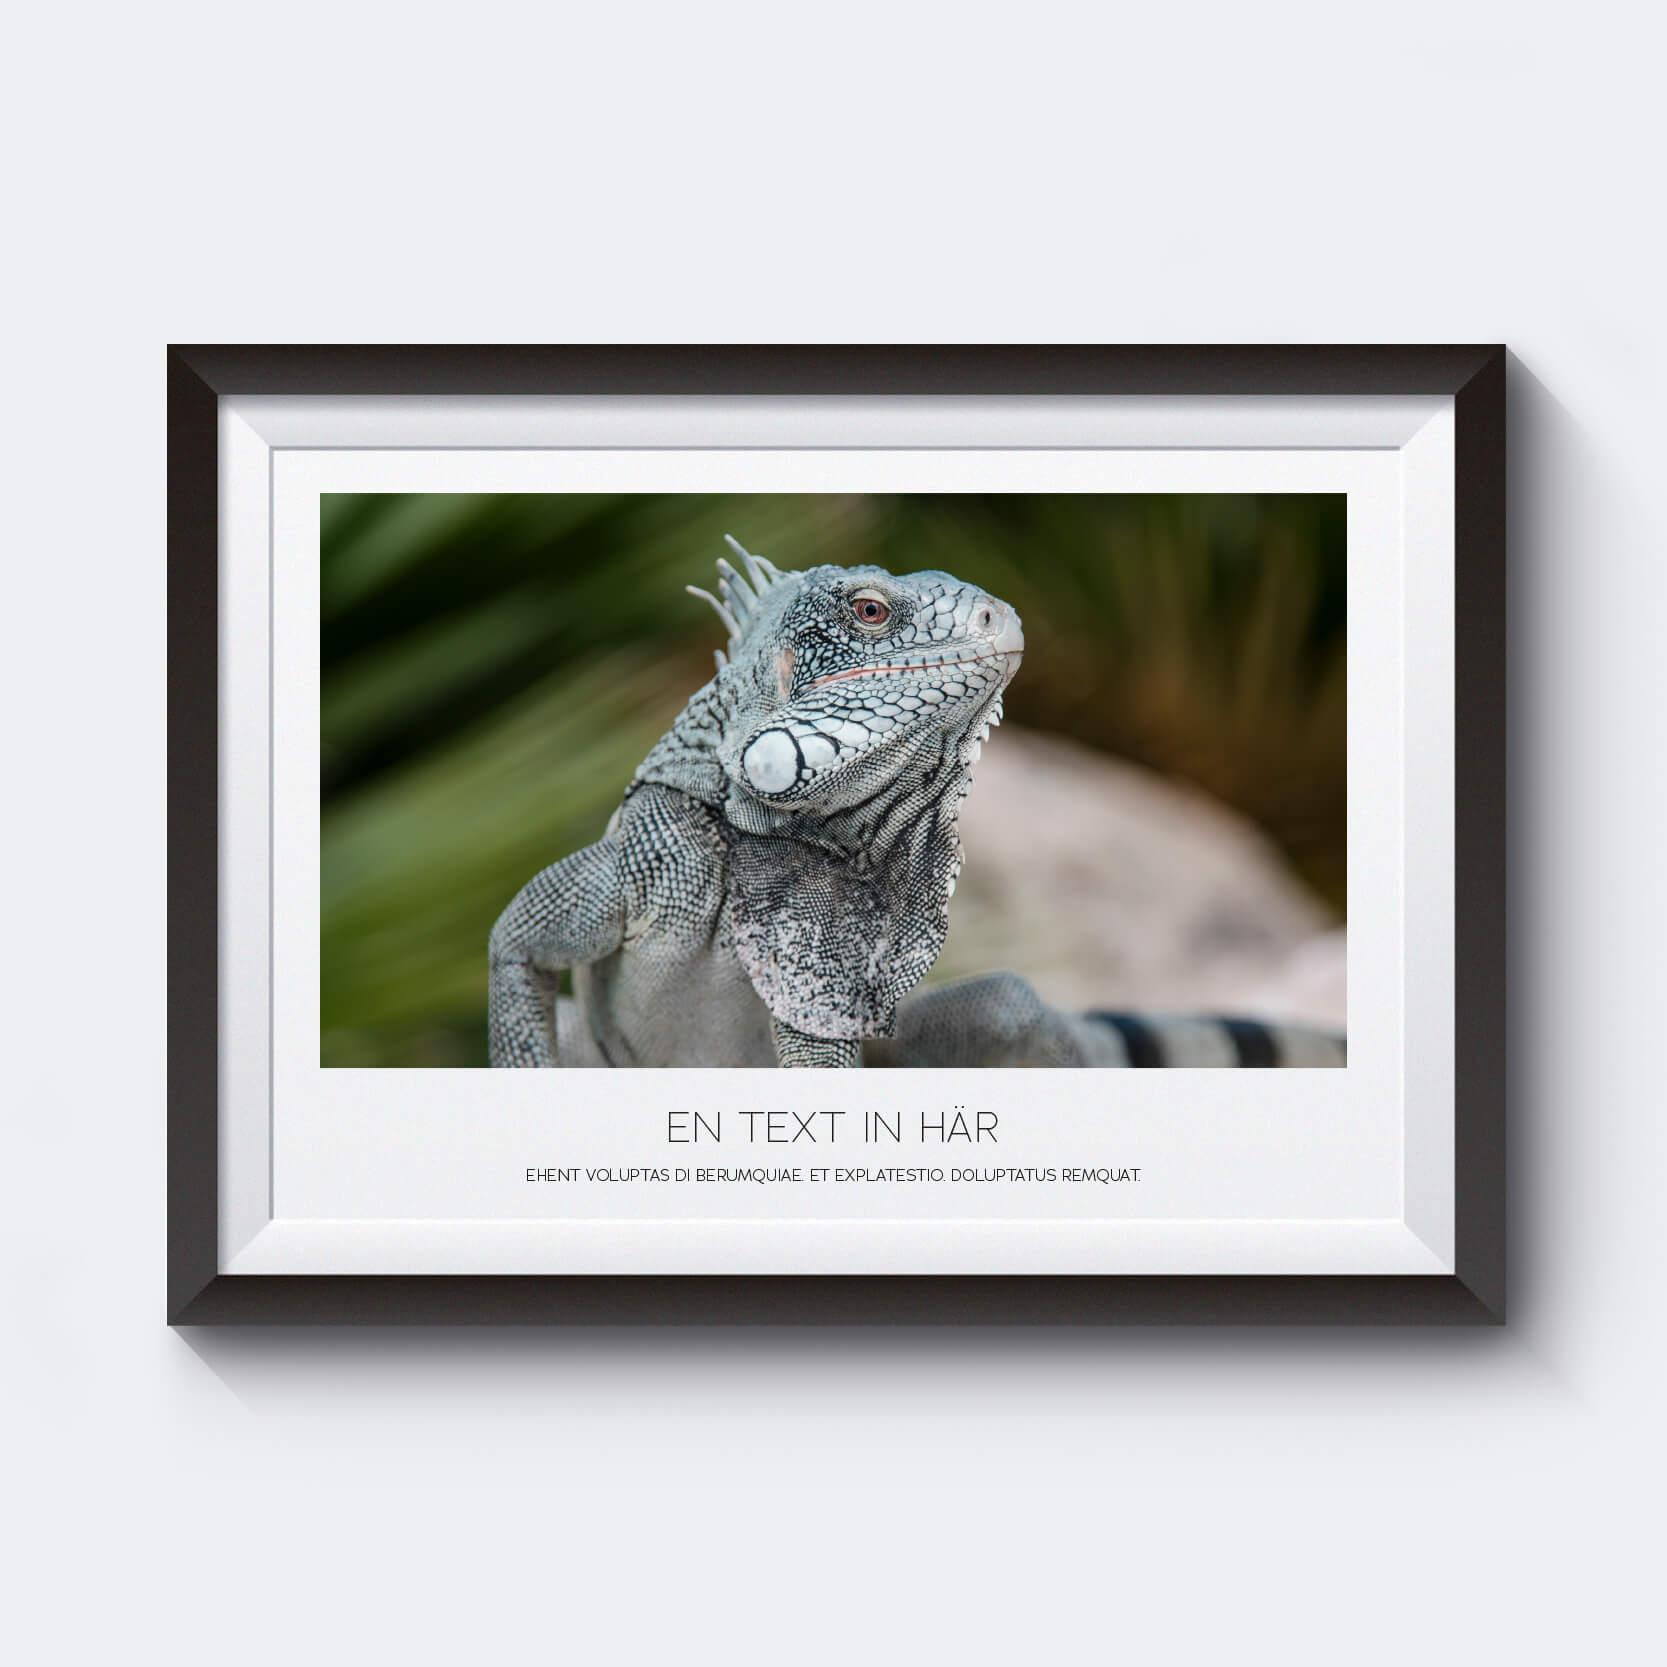 Gör en personlig poster med egen text av ett motiv på en ödla från Karibien.